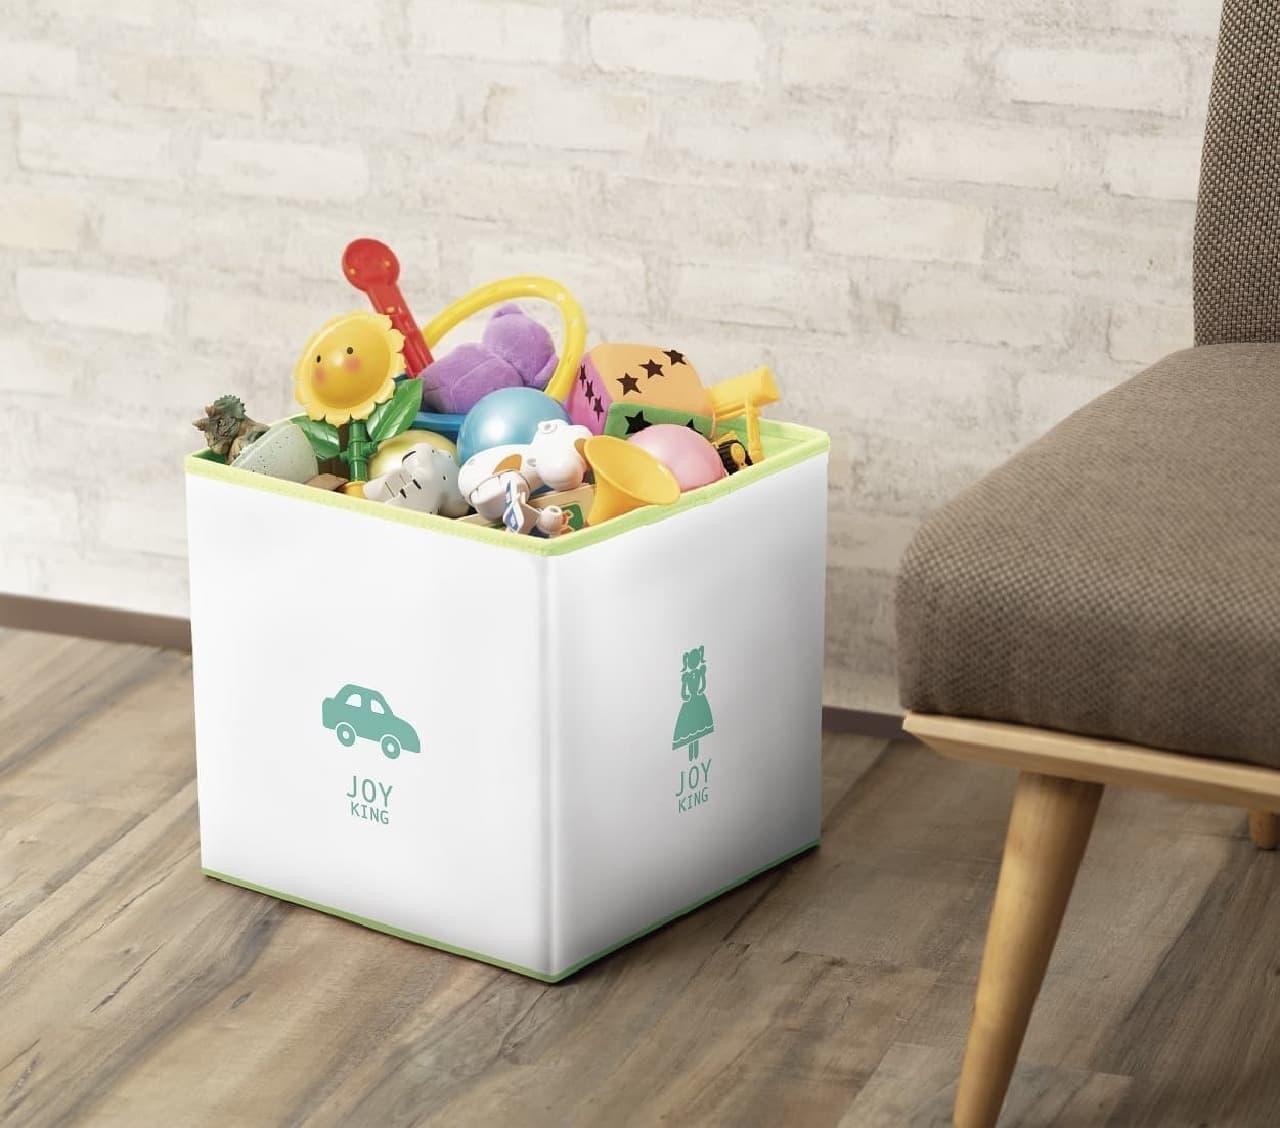 除菌できるおもちゃ箱「JOYKING」